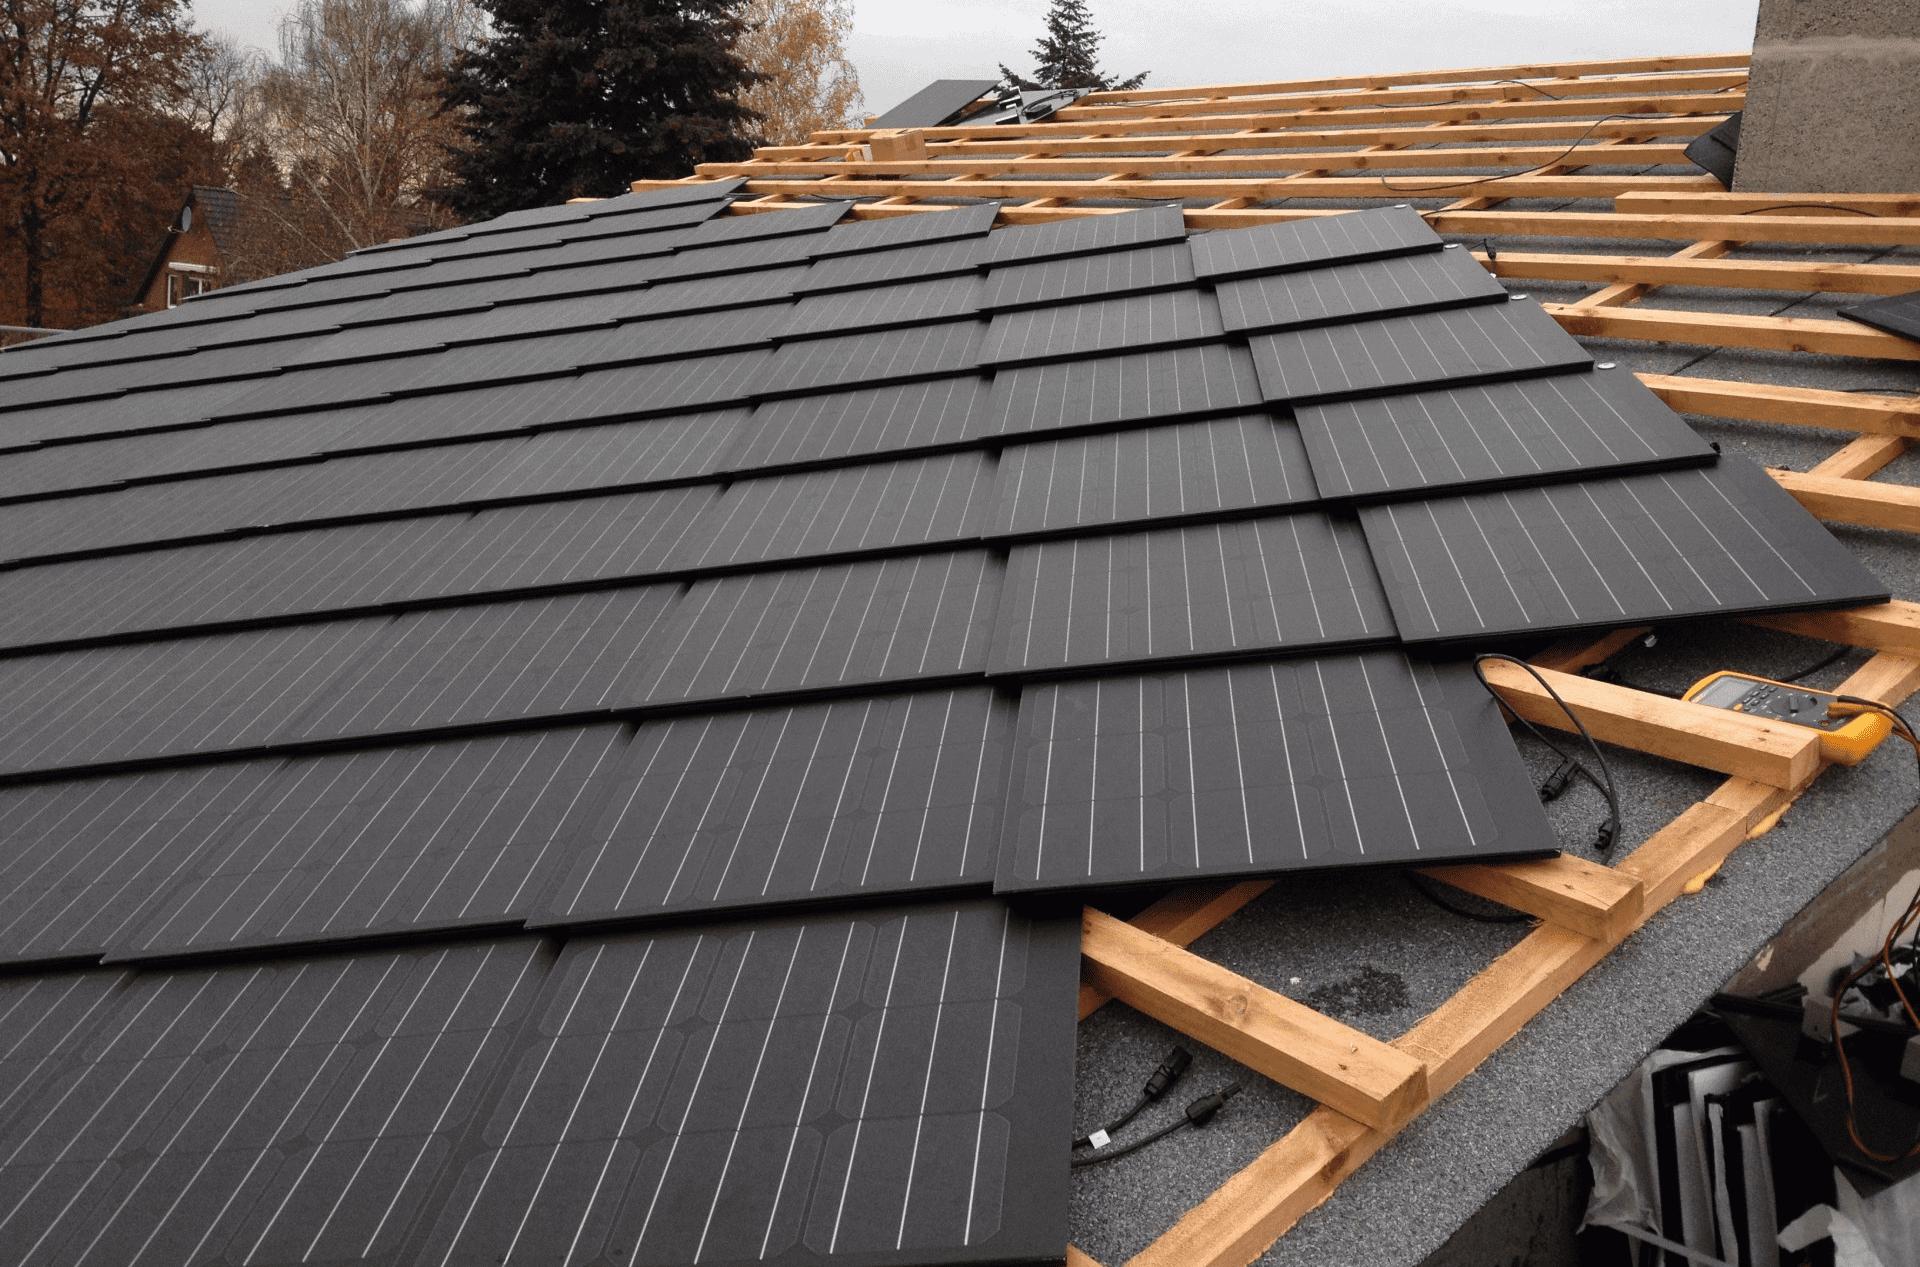 Dachówki fotowoltaiczne – pokrycia dachowe przyszłości?